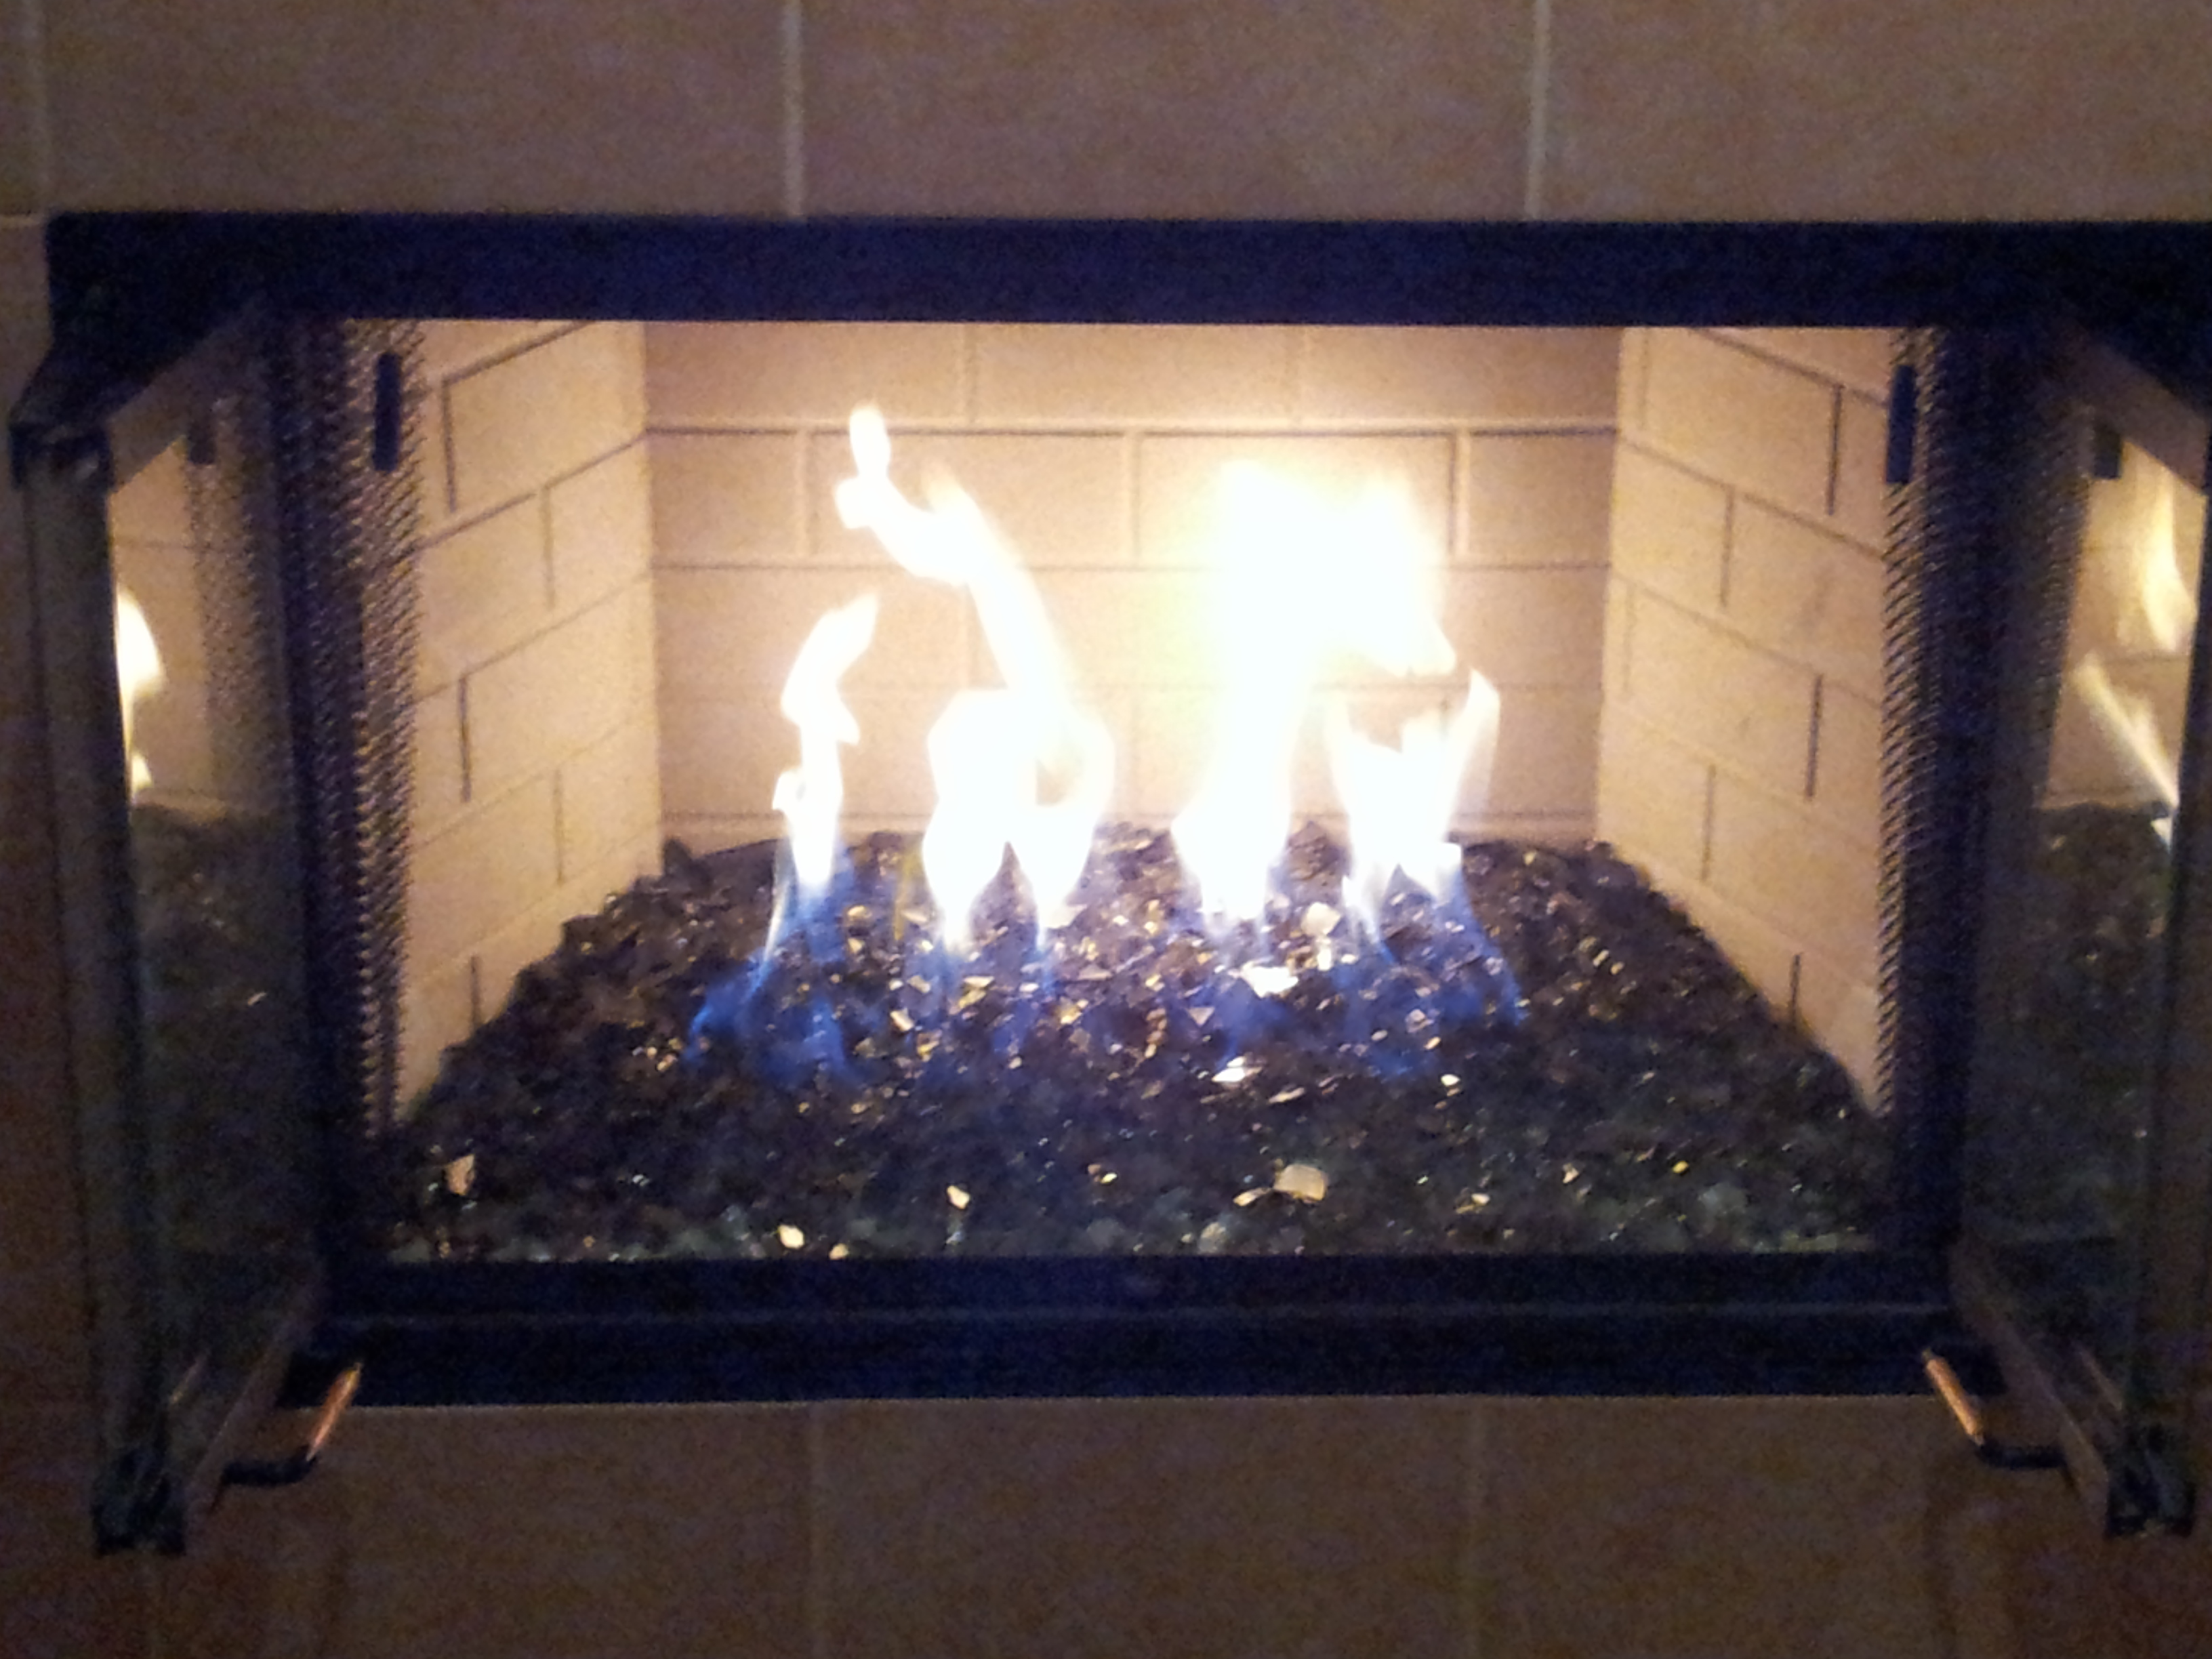 Orange County BBQ Fireplace OC BBQ Fireplace Irvine Location I